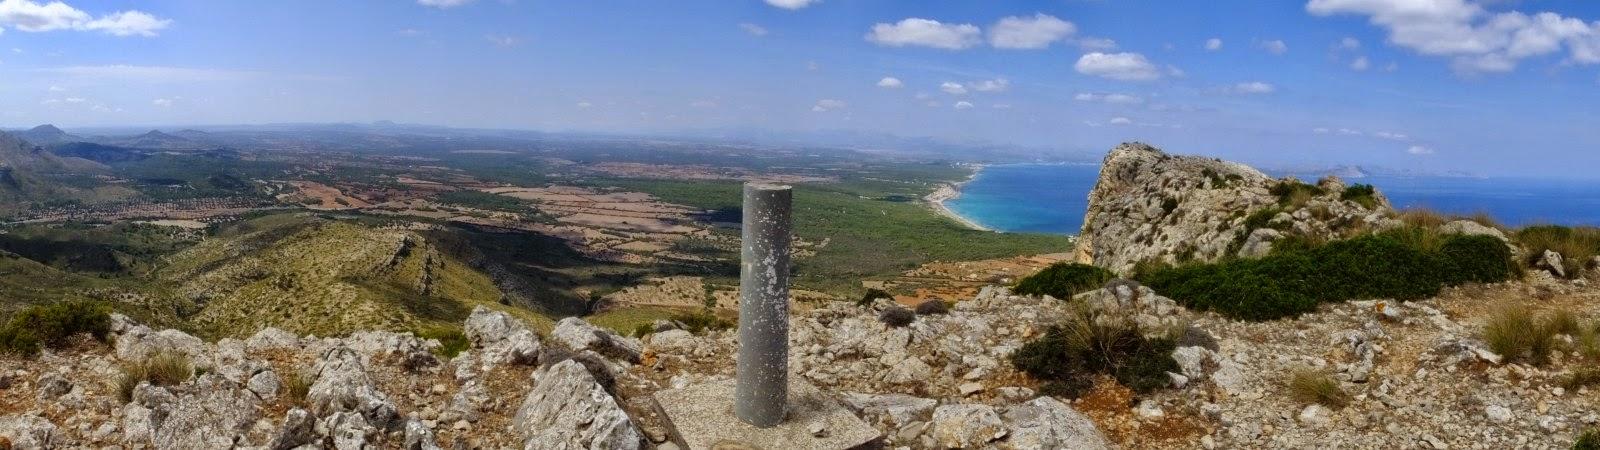 Malle 6 – von der Eremita de Betlem auf den Puig de Ferrutx